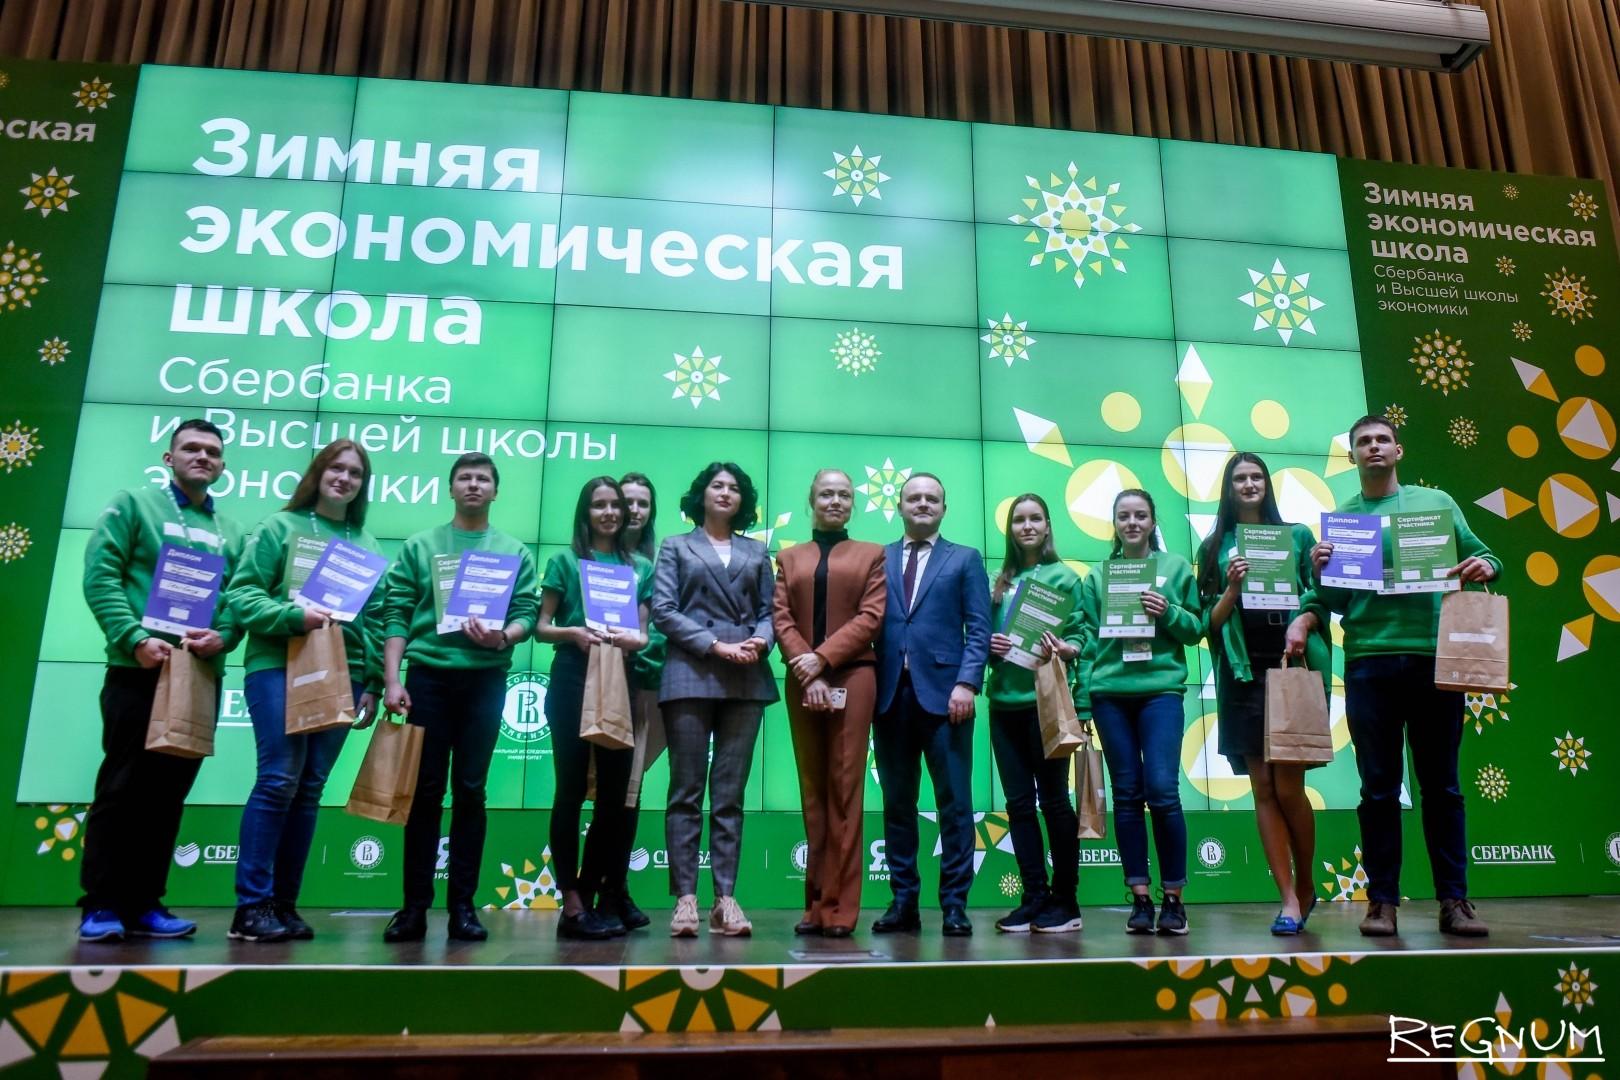 Церемония награждения участников Зимней школы Сбербанка и Высшей школы экономики